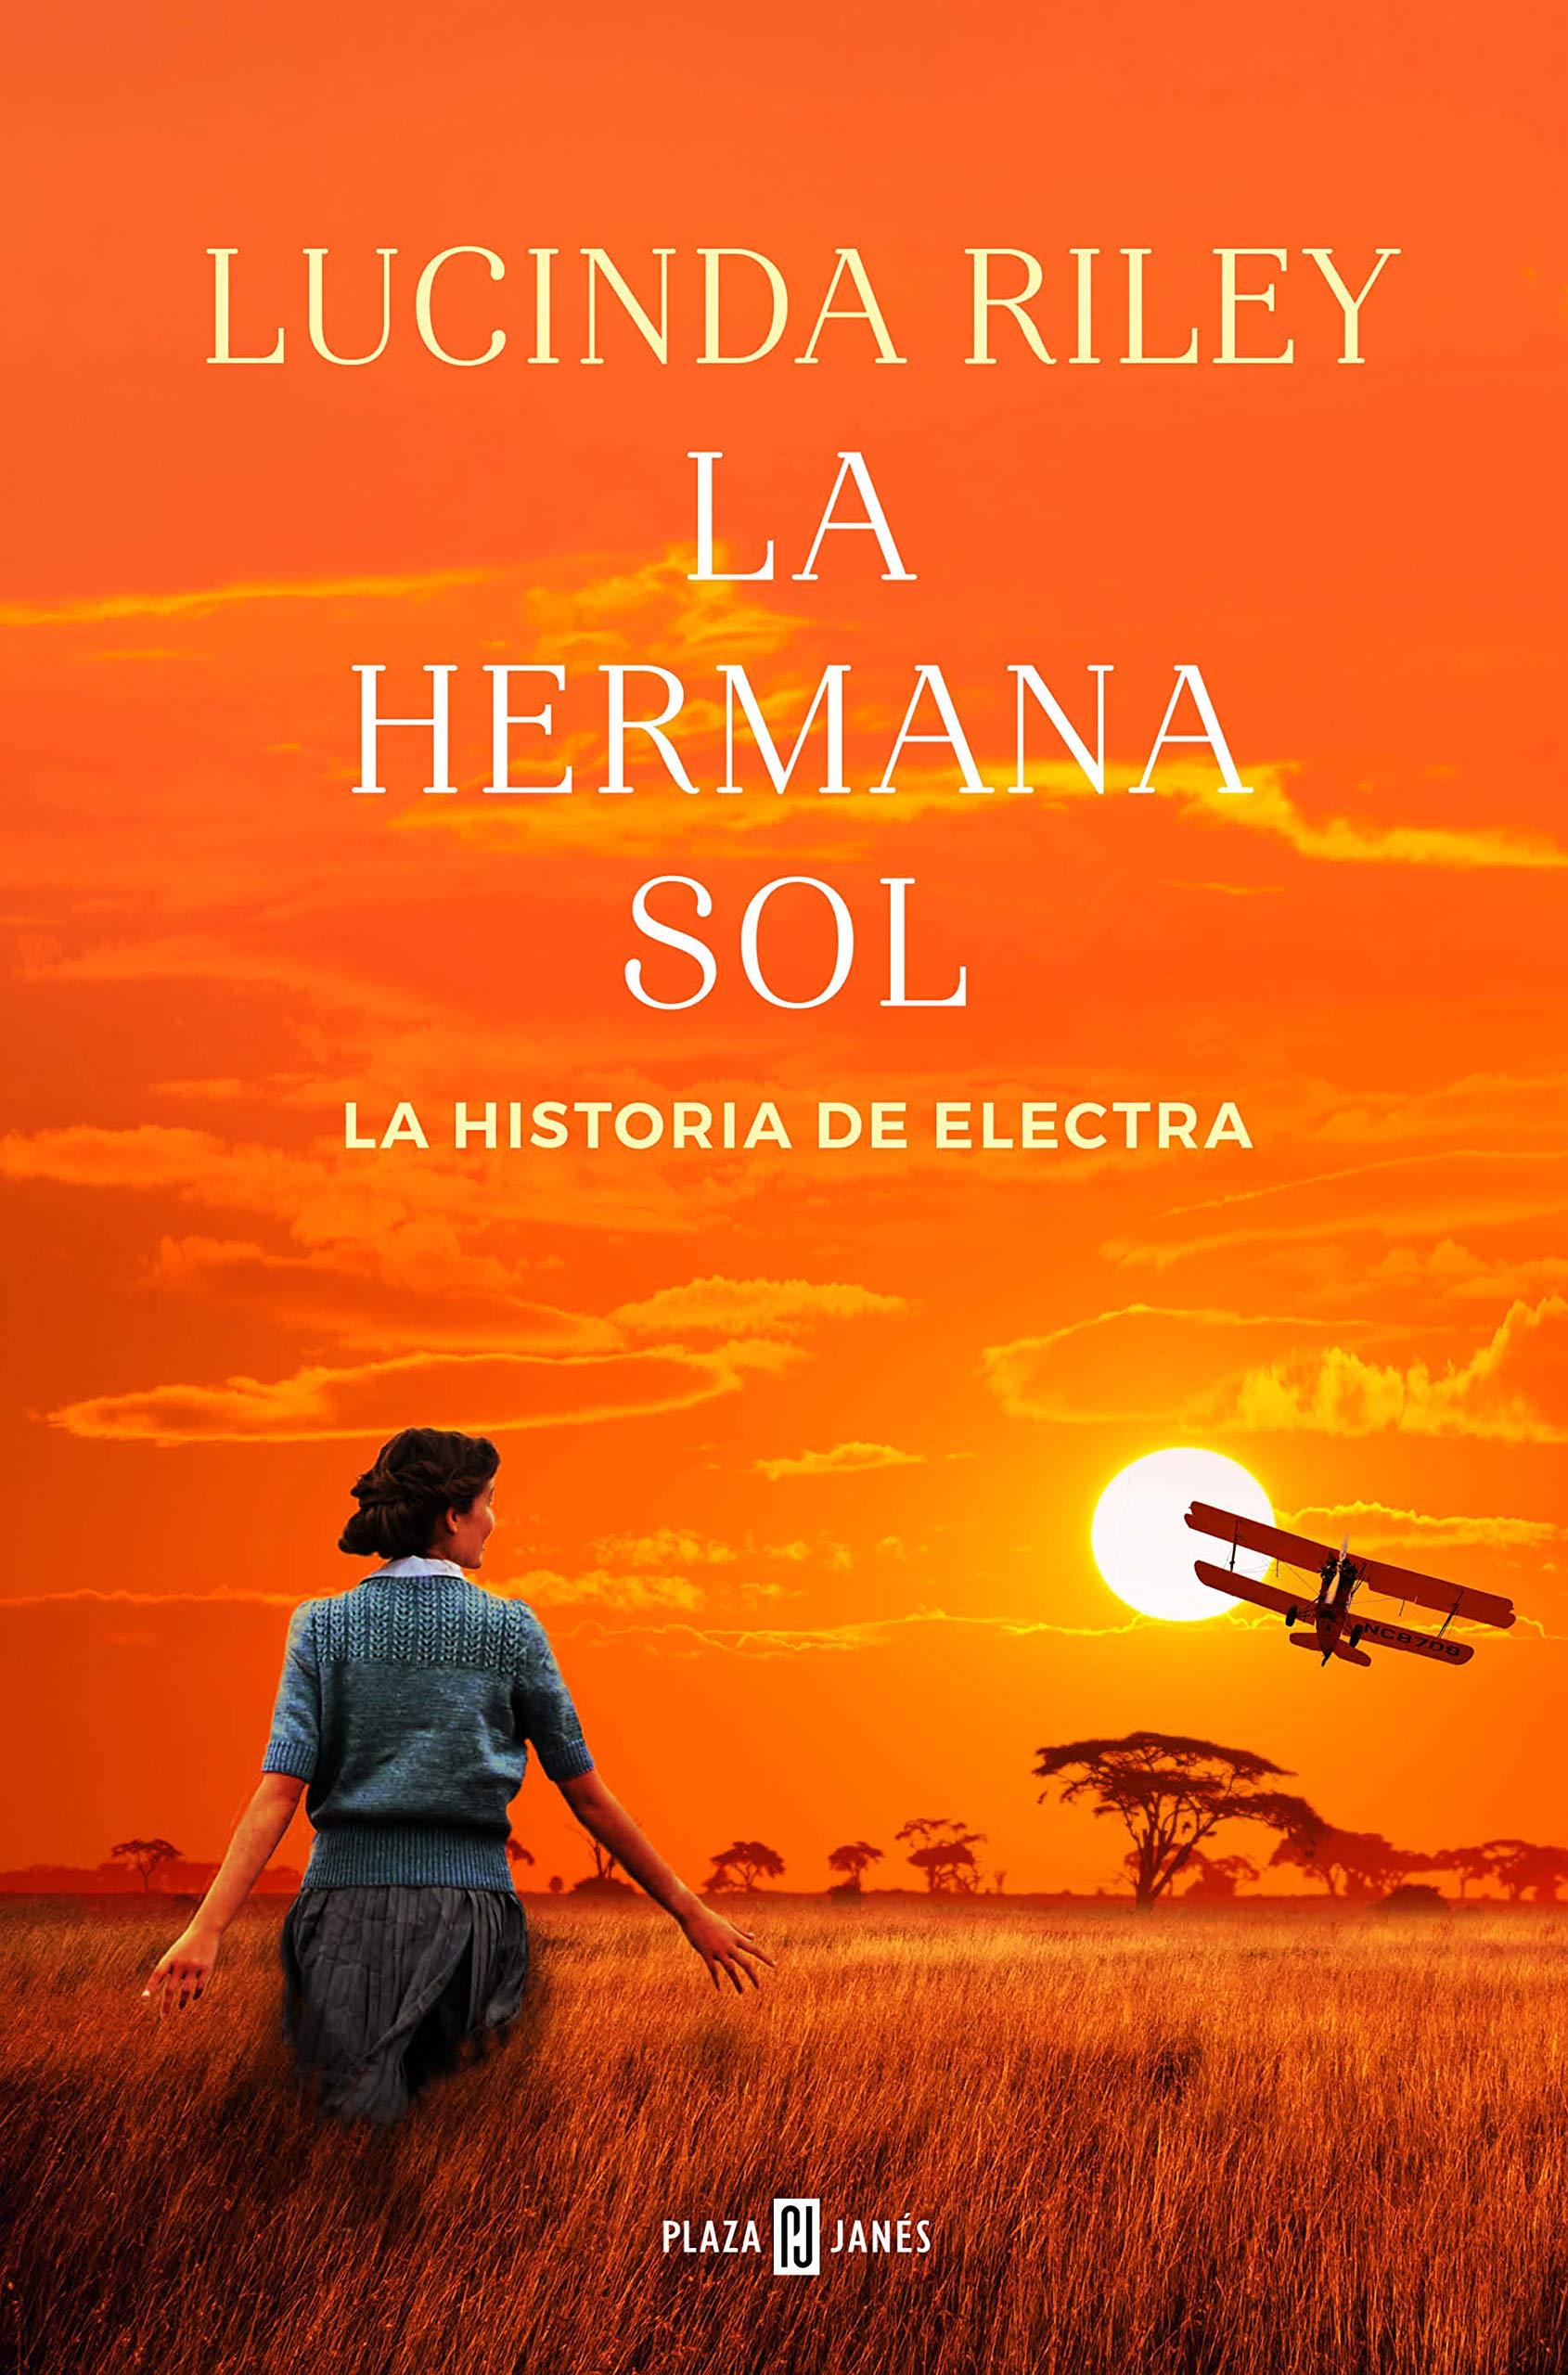 La hermana sol (Las Siete Hermanas 6) (Spanish Edition)